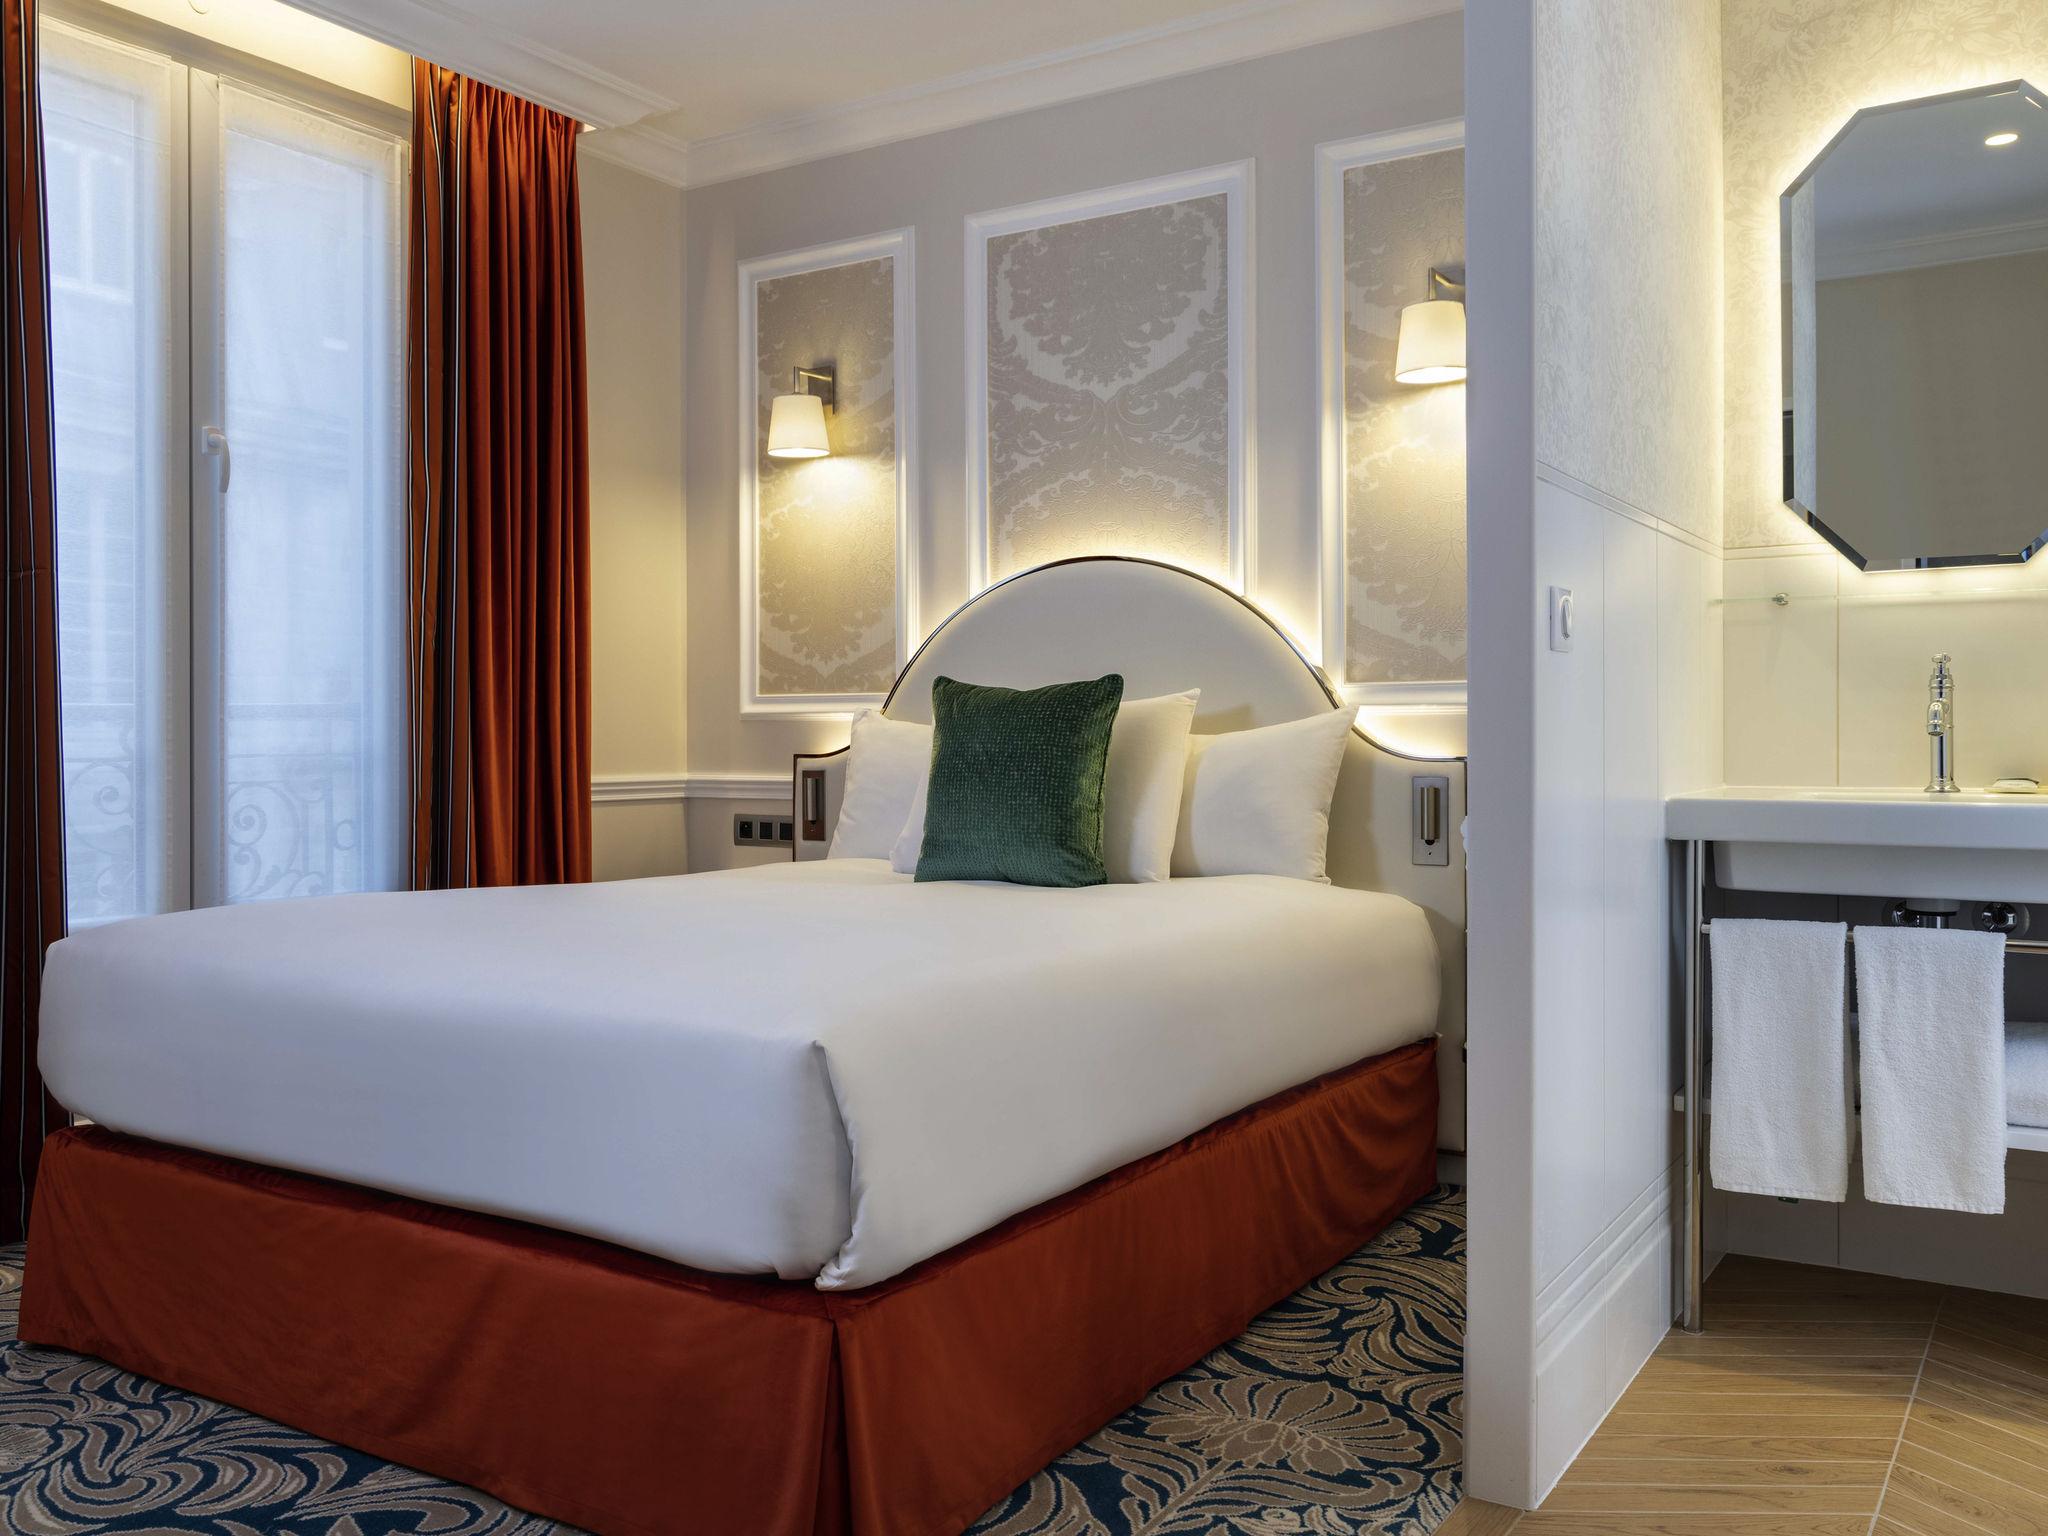 Hotel - Hotel Mercure Paris La Sorbonne Saint Germain des Prés